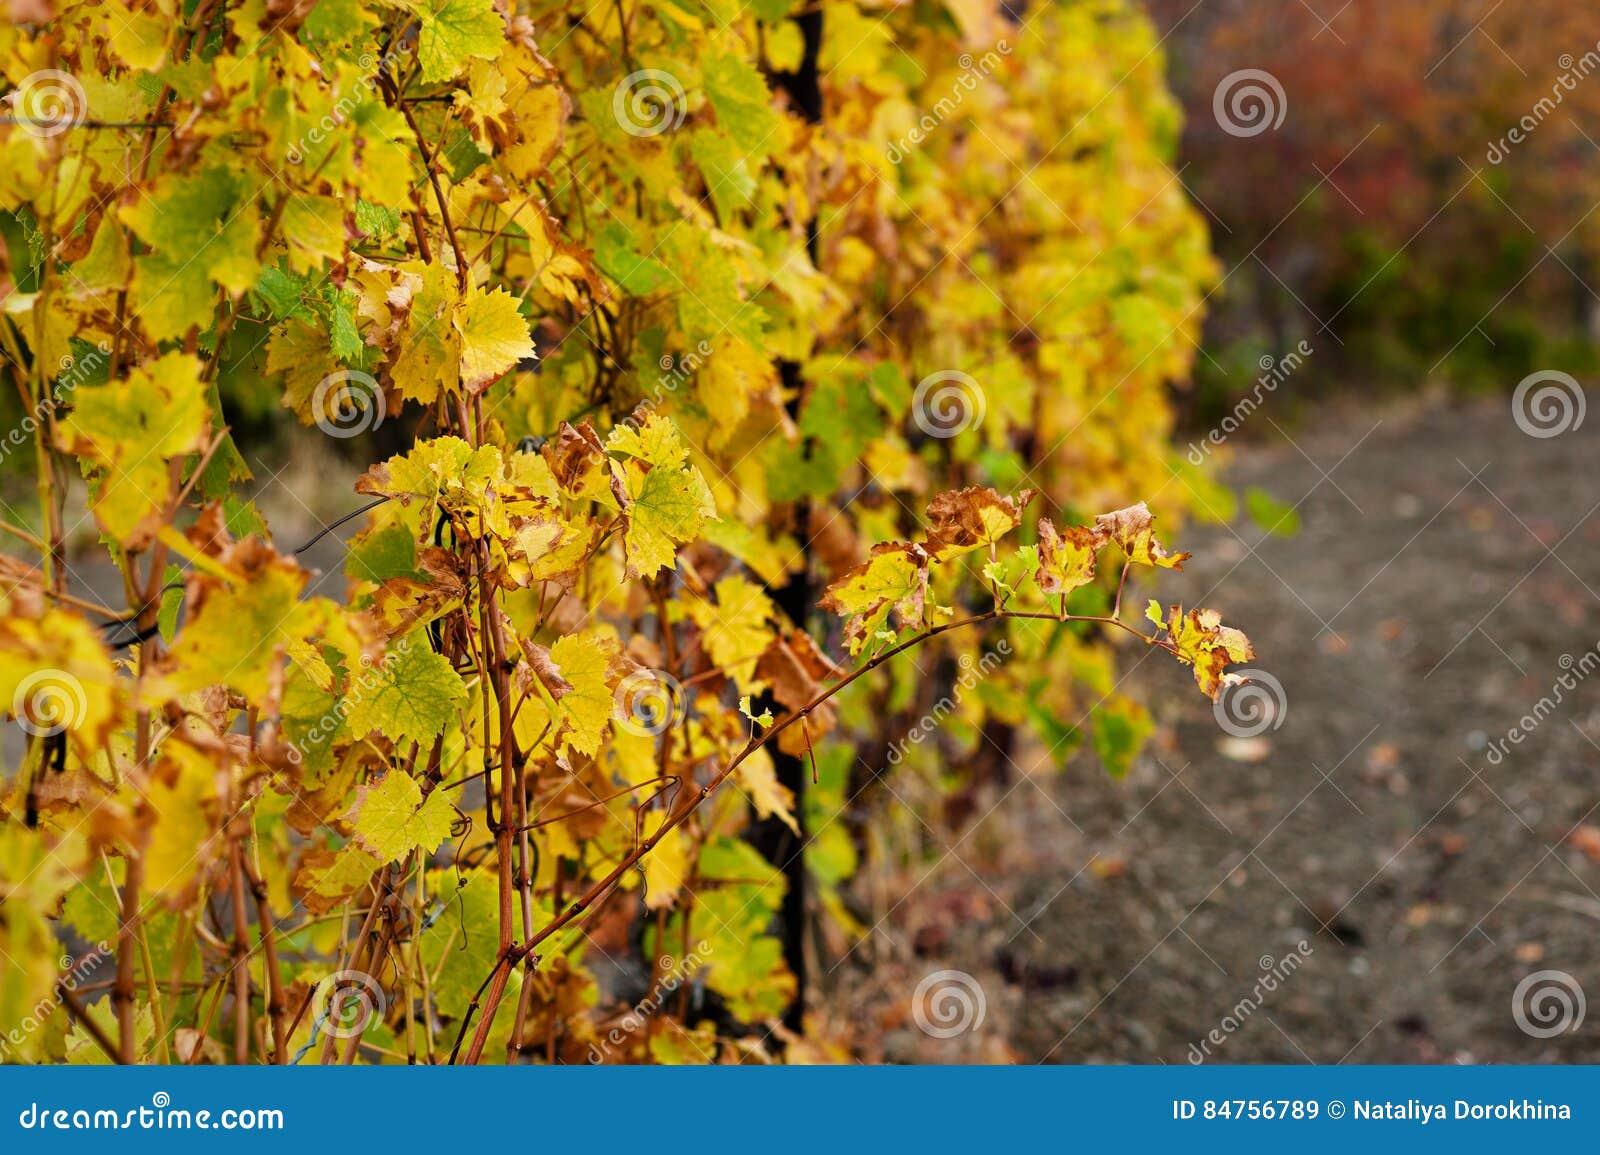 La vue des vignobles dans des couleurs automnales prêtes pour la récolte et la production wine Concept de vinification